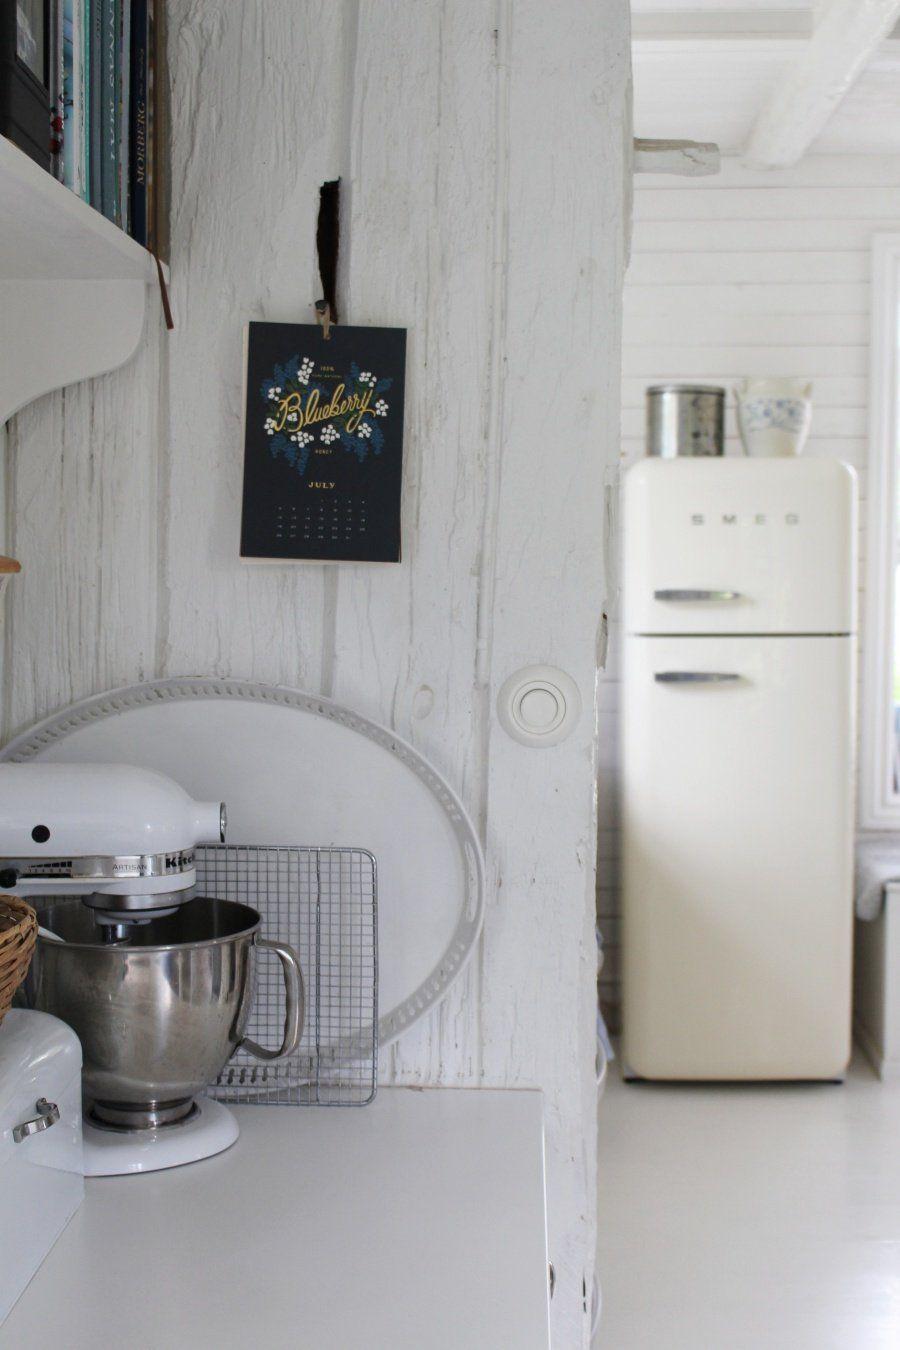 Pin by maria metsäranta on kitchen stories   Pinterest   Mood boards ...